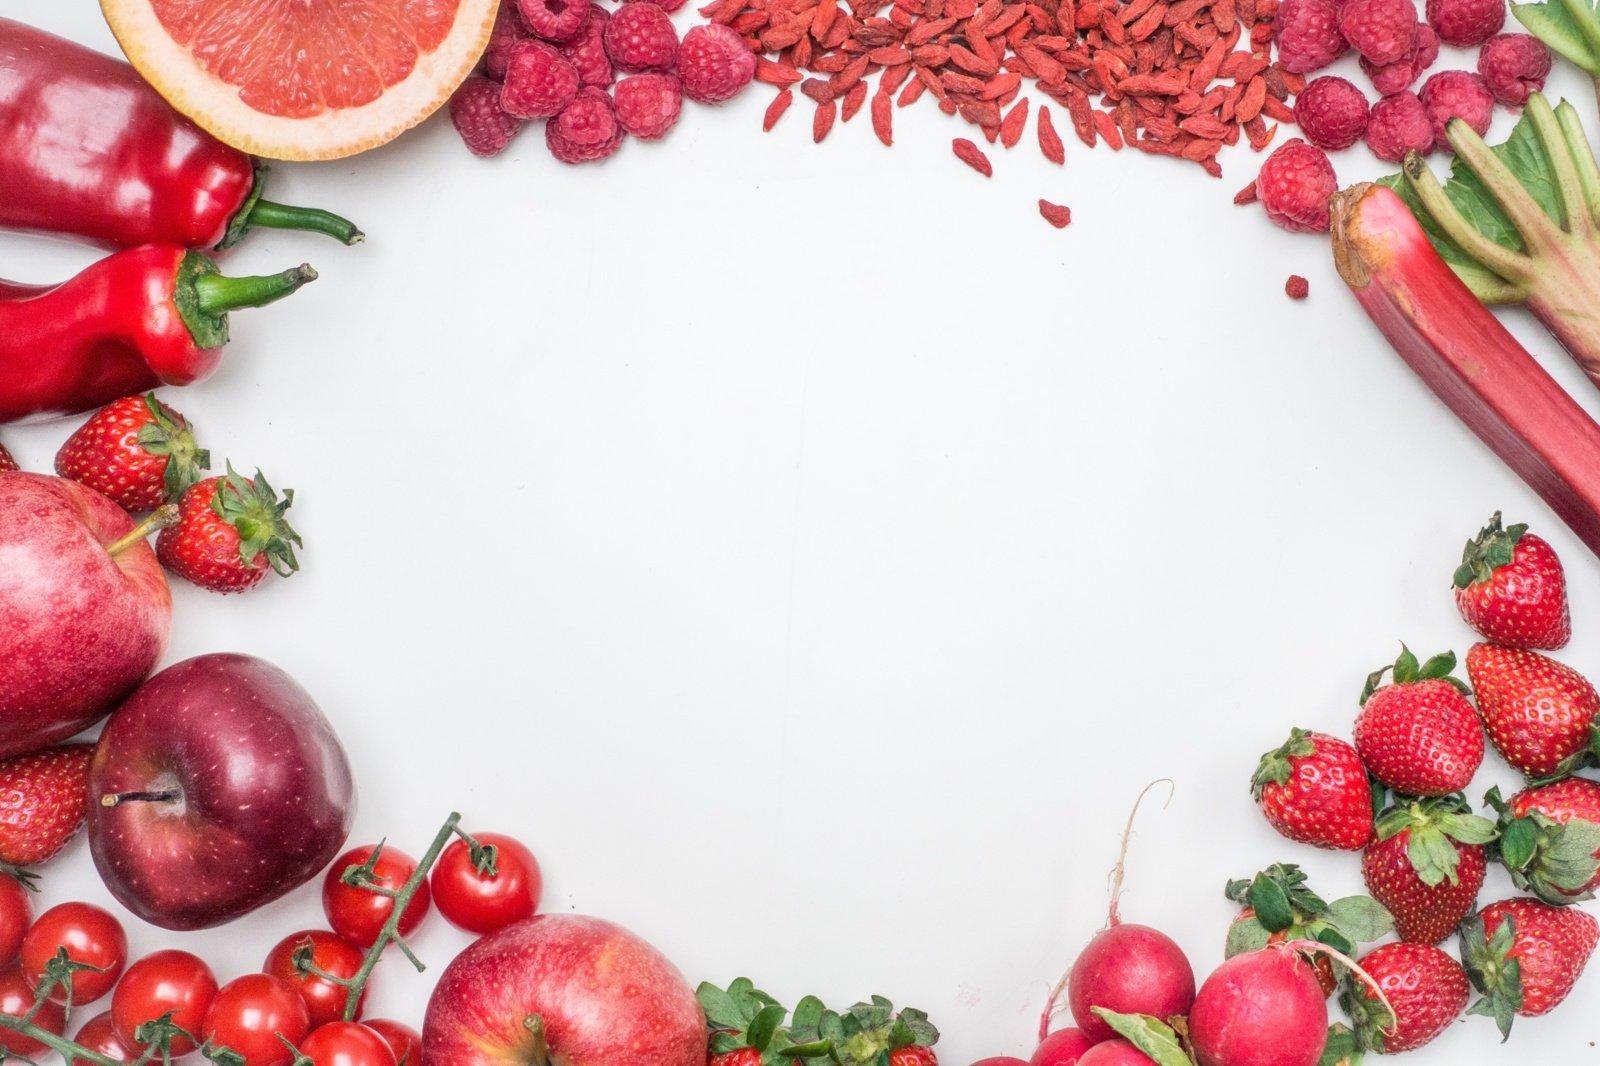 maisto produktams nuo hipertenzijos